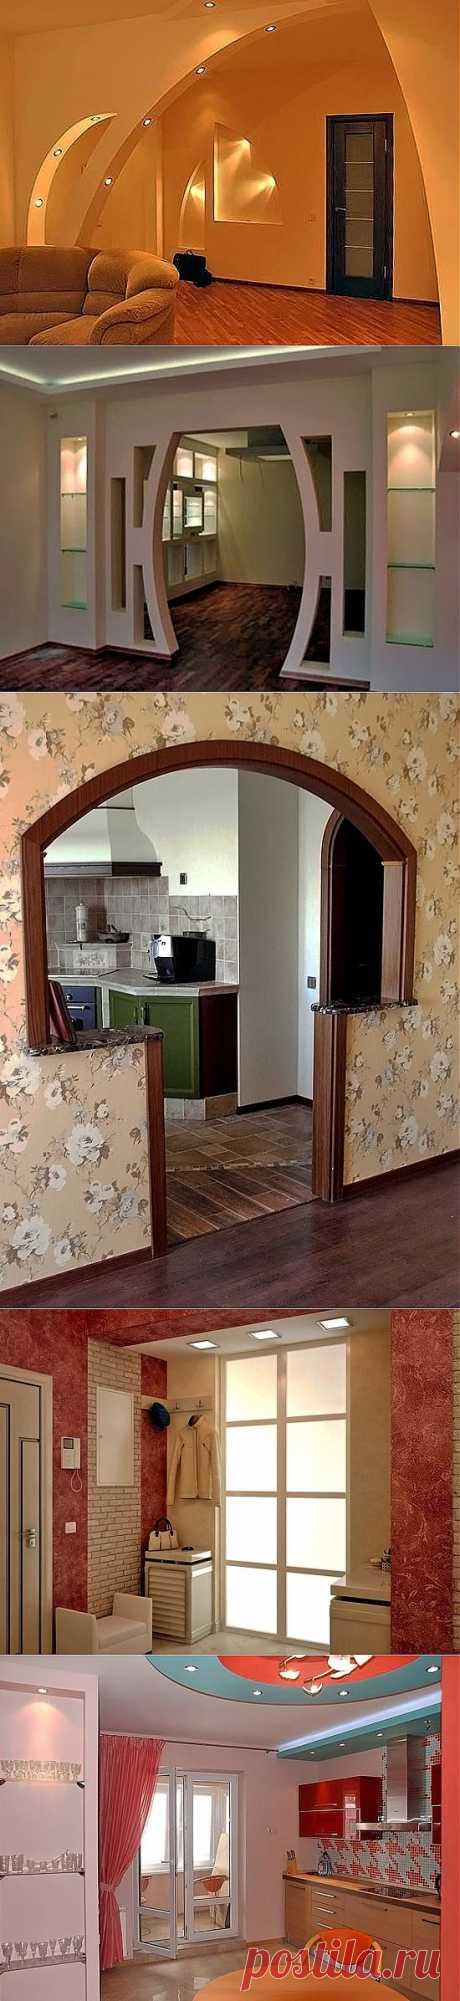 Примеры отделки квартир - современные идеи дизайна интерьера   ВСЁ ДЛЯ ДОМА